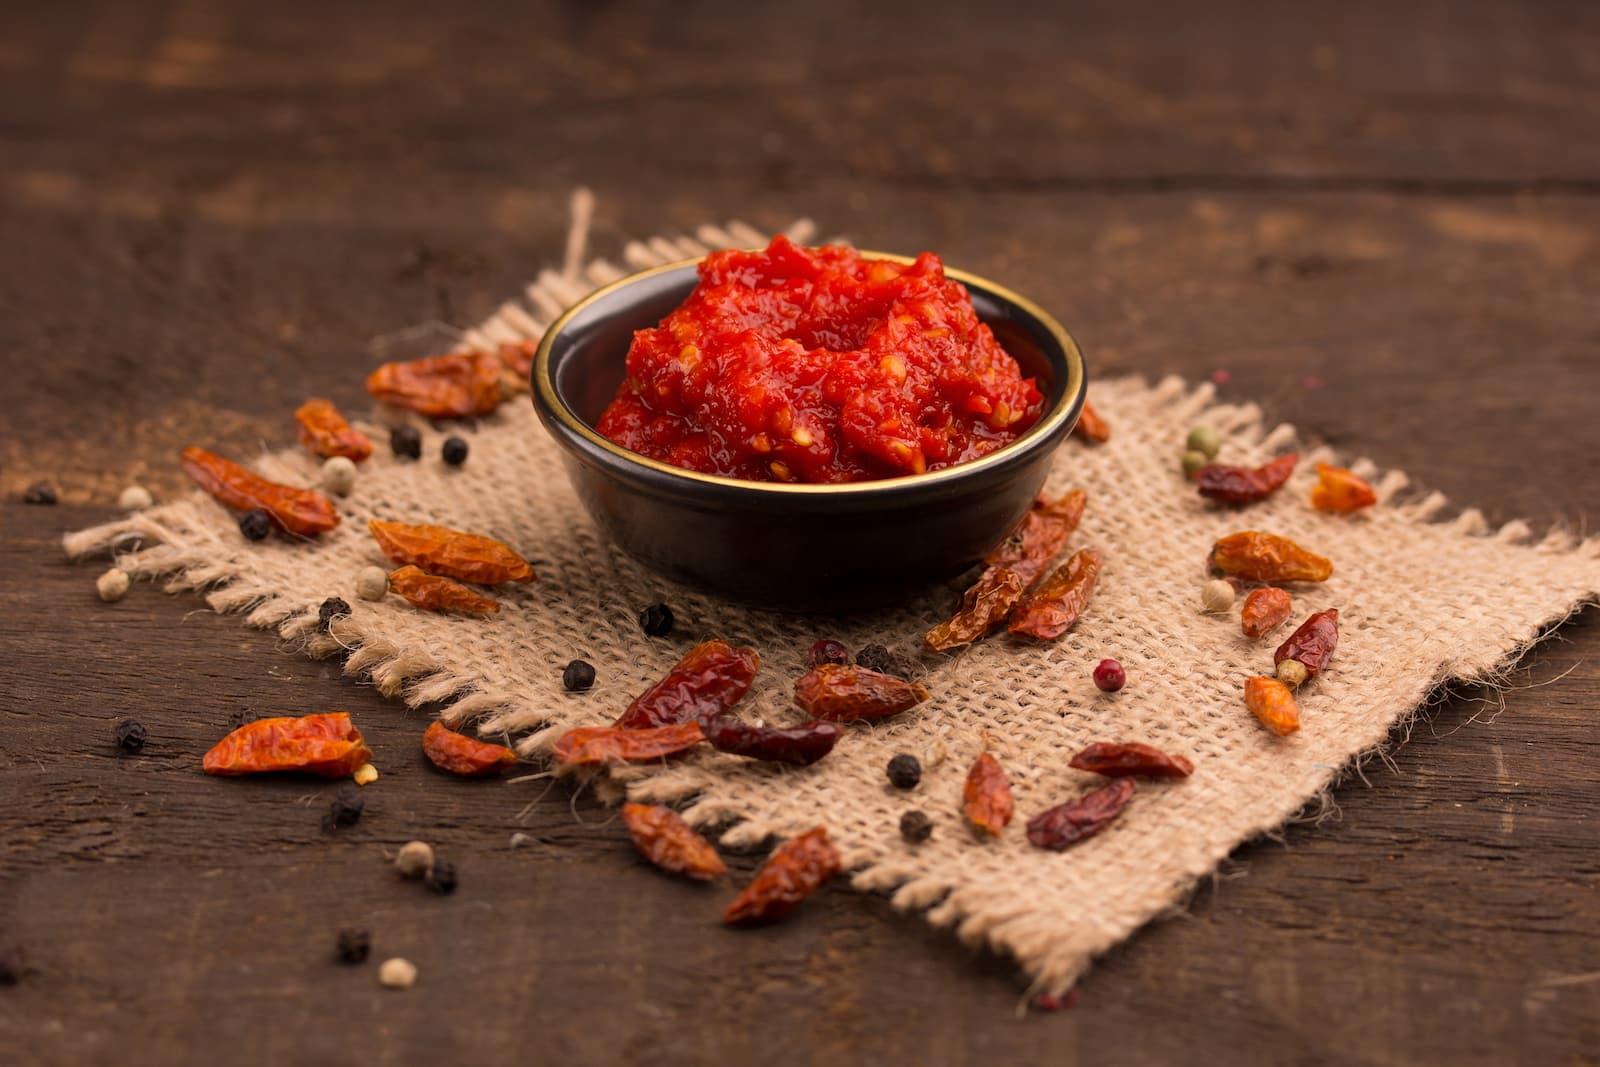 Sambal Oelek Nutrition – How Healthy Is It?